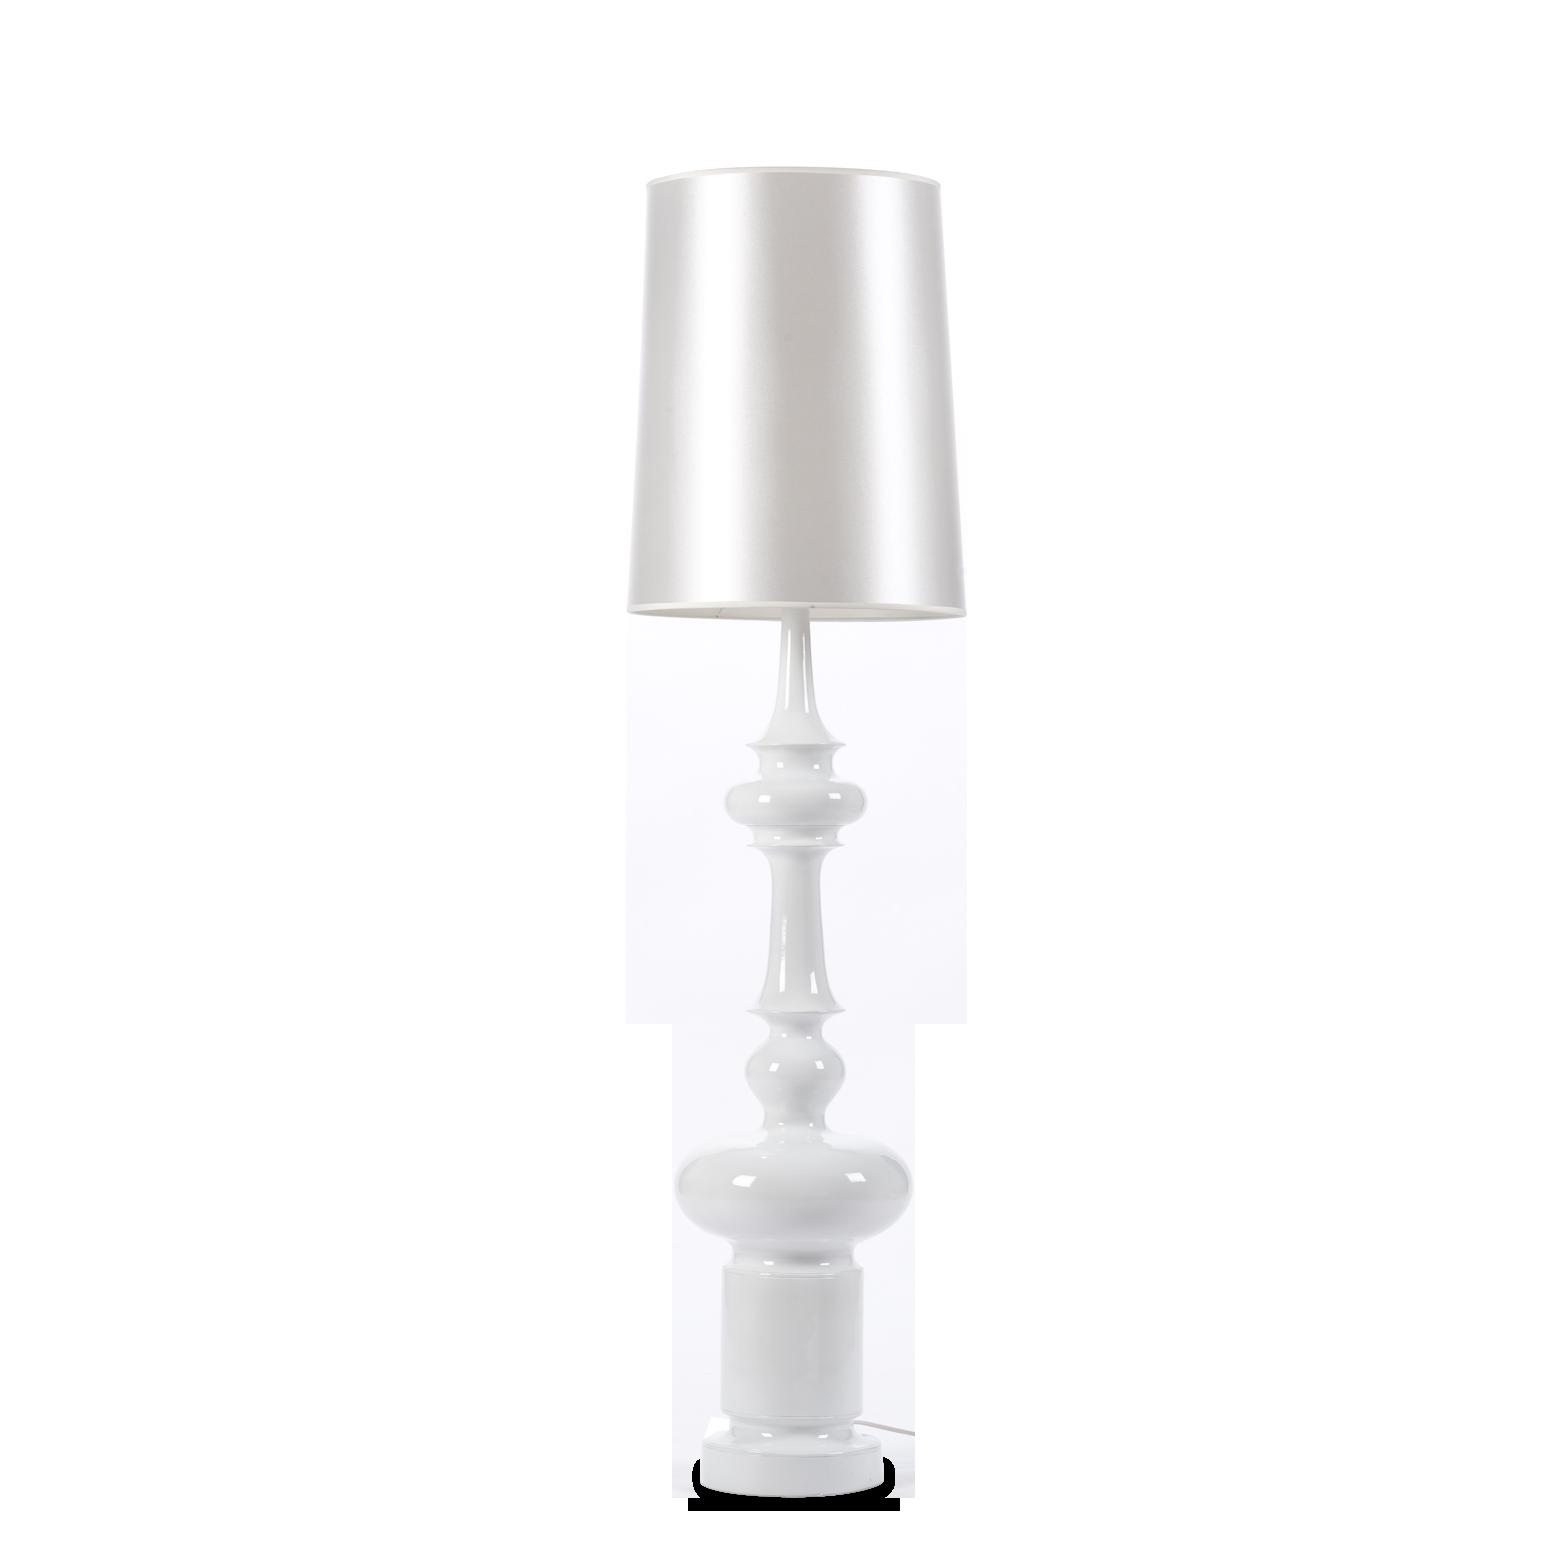 Напольный светильник KingНапольные<br>Напольный светильник King — классика, облаченная в цвет современного минимализма. Это по-настоящему красивый, ультрамодный светильник был разработан итальянским дизайнером Джорджо Гуриоли. Джорджо Гуриоли — современный и стремительно набирающий популярность дизайнер, которой постоянно создает все новые и новые светильники необычной формы, приковывающие взгляды миллионов людей по всему миру.<br> <br> Напольный светильник King имеет весьма громкое и броское имя и назван он так из-за высоты ножки, а...<br><br>stock: 0<br>Высота: 155<br>Диаметр: 40<br>Количество ламп: 1<br>Материал абажура: Ткань<br>Материал арматуры: Стеклопластик<br>Ламп в комплекте: Нет<br>Напряжение: 220<br>Тип лампы/цоколь: E27<br>Цвет абажура: Белый<br>Цвет арматуры: Белый